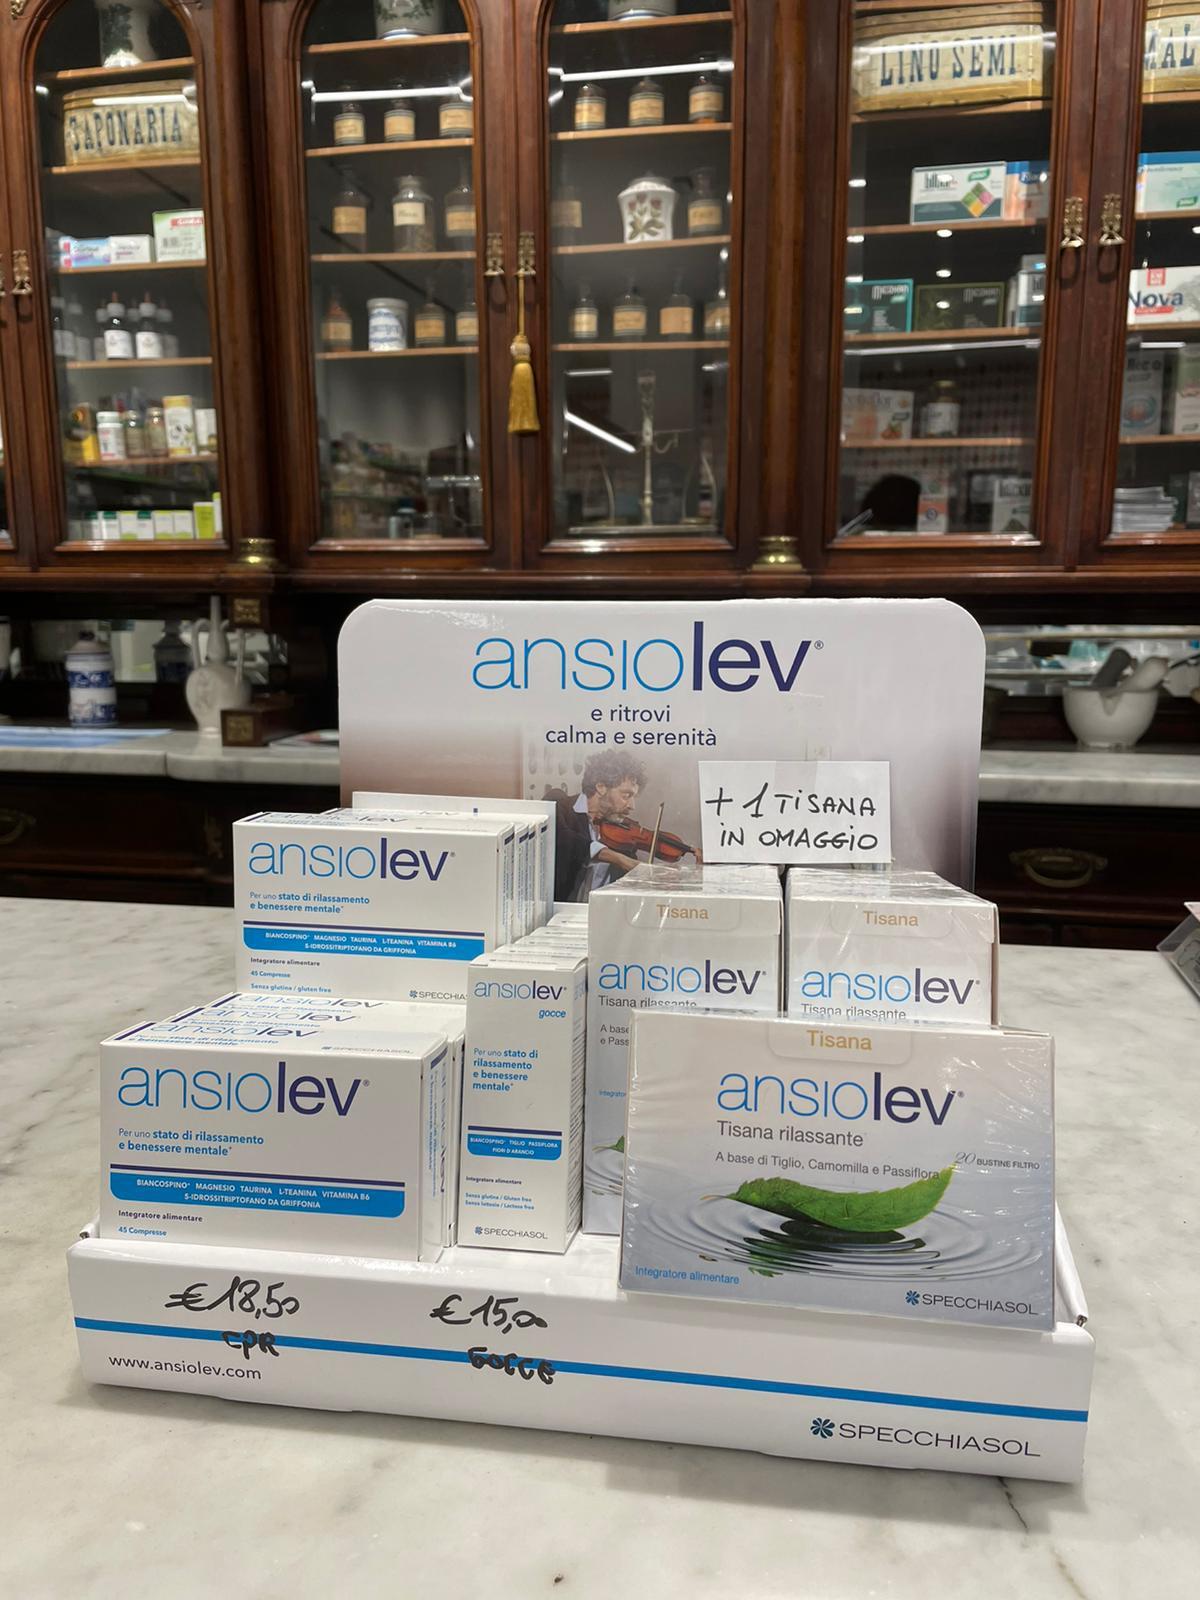 Ansiolev, per ritrovare calma e serenità.